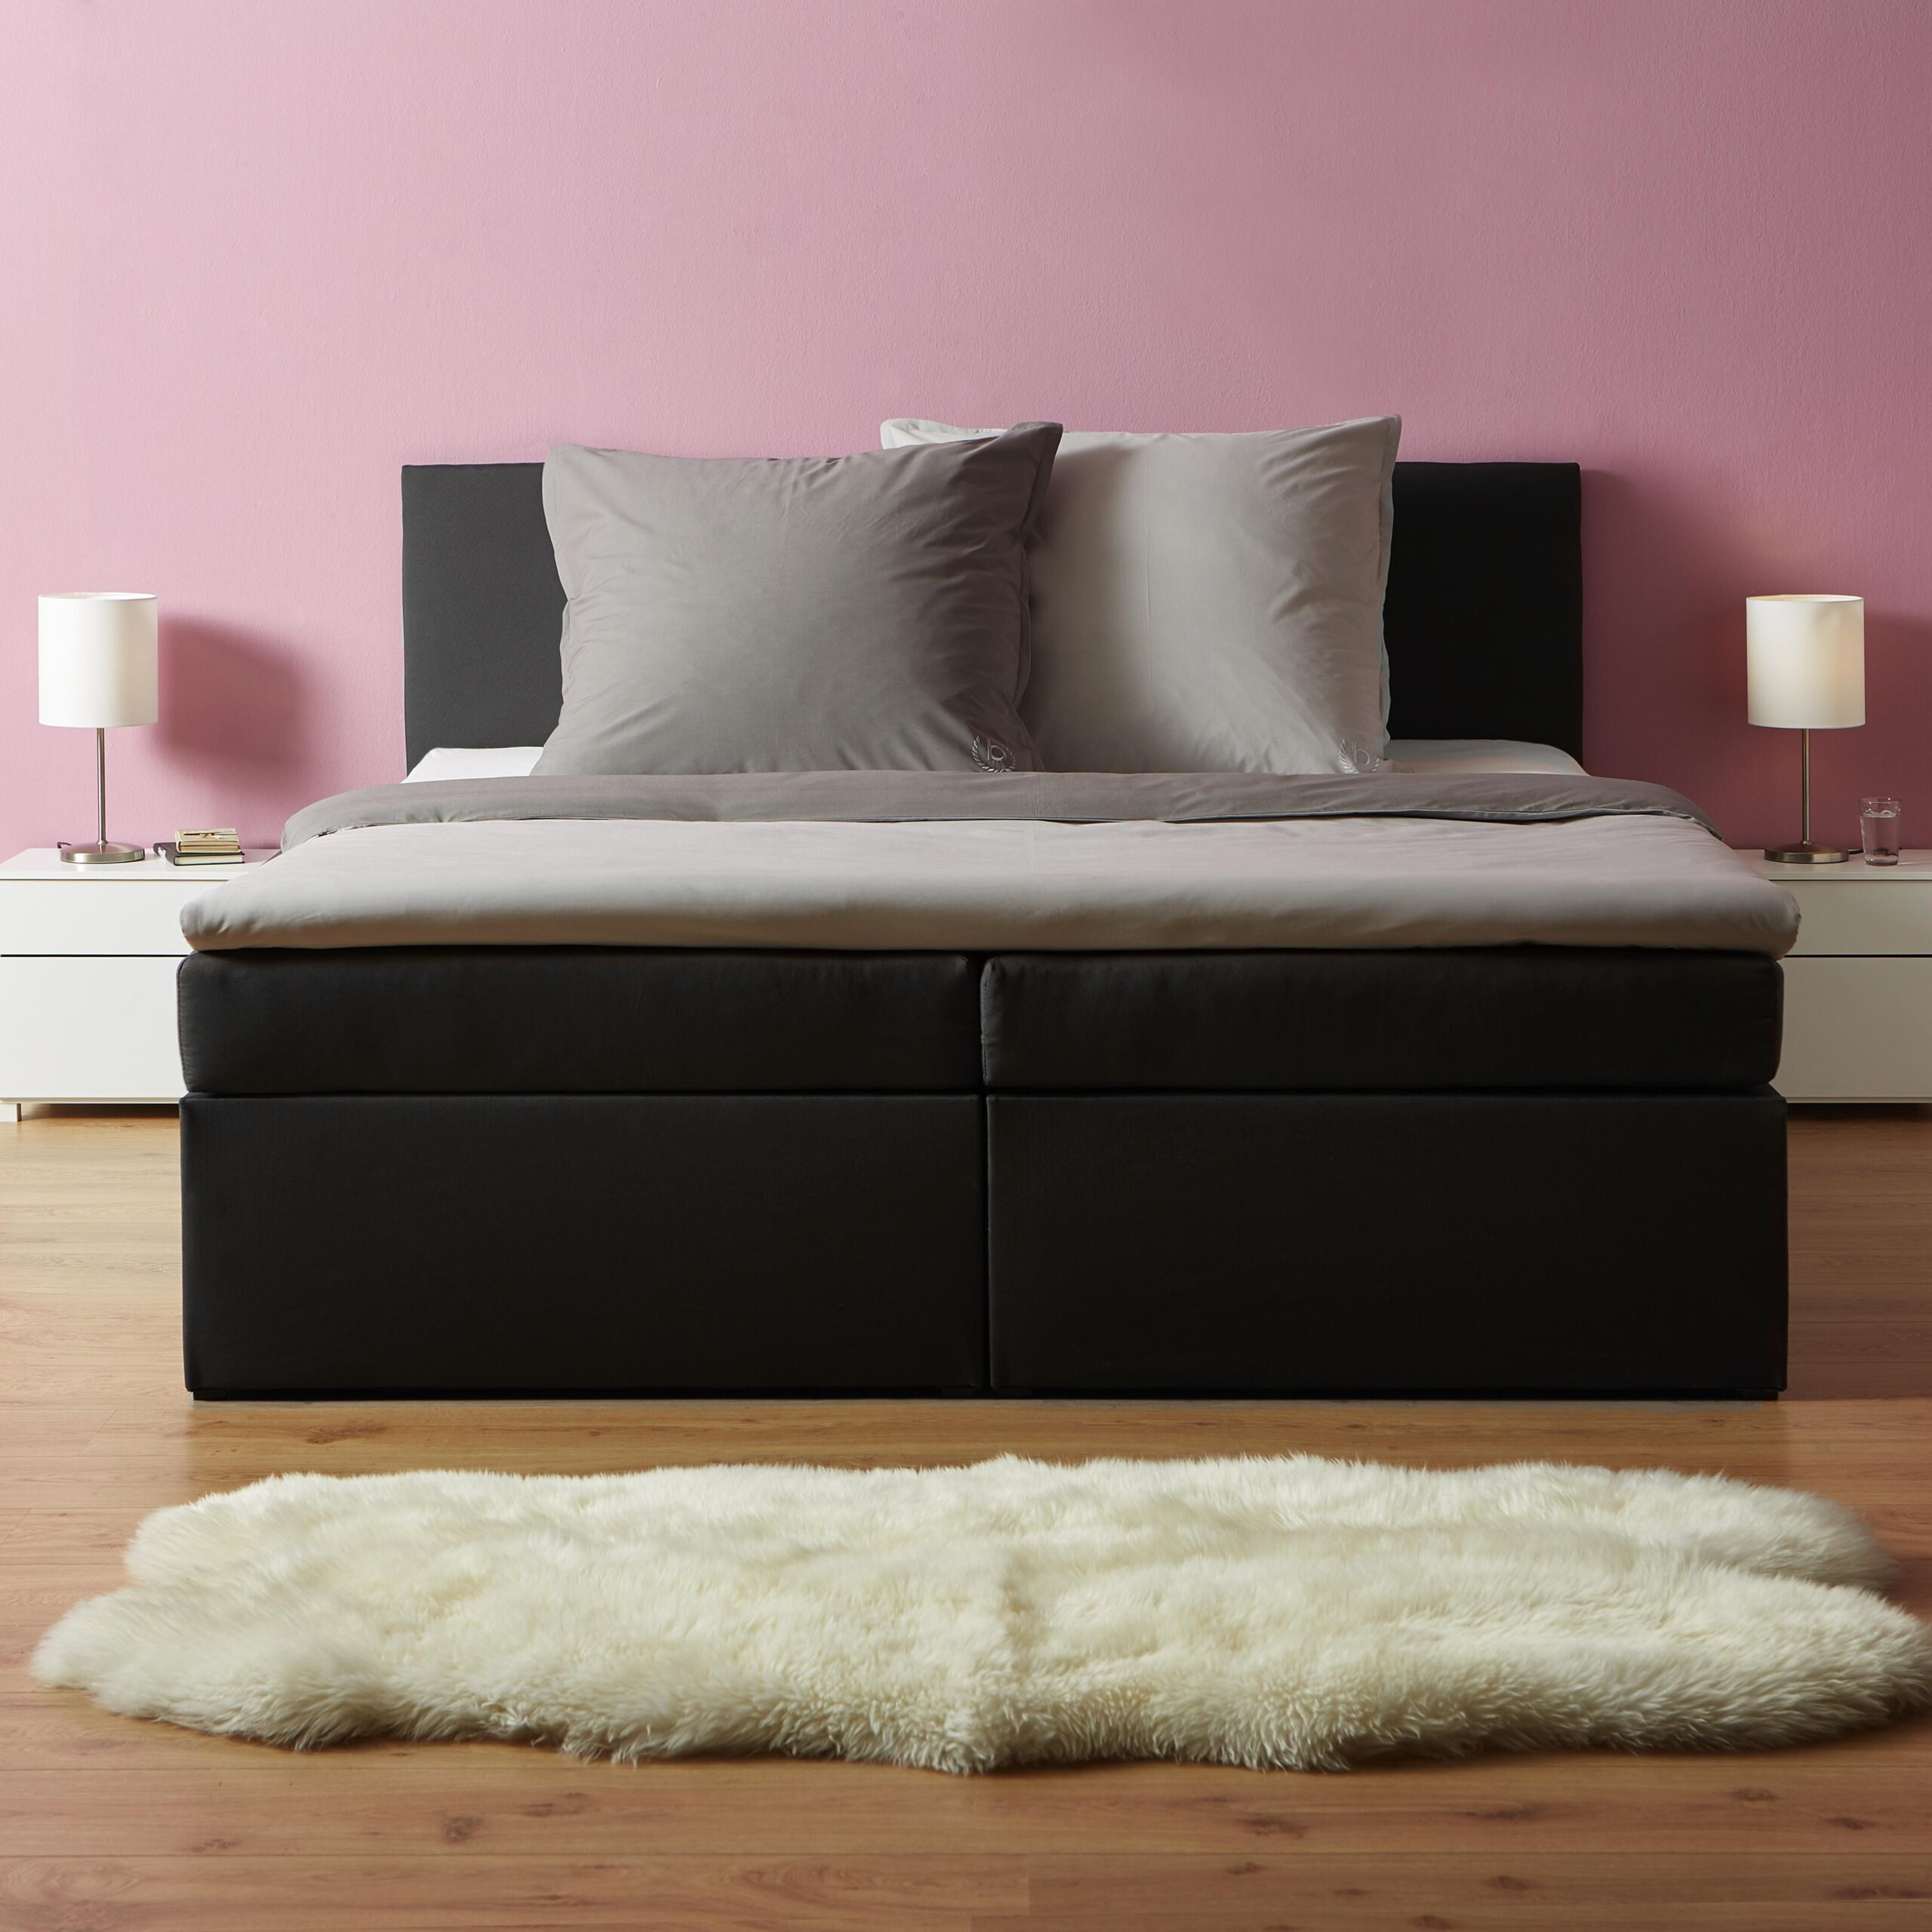 Full Size of Polsterbett 200x220 Betten Entdecken Mmax Bett Wohnzimmer Polsterbett 200x220